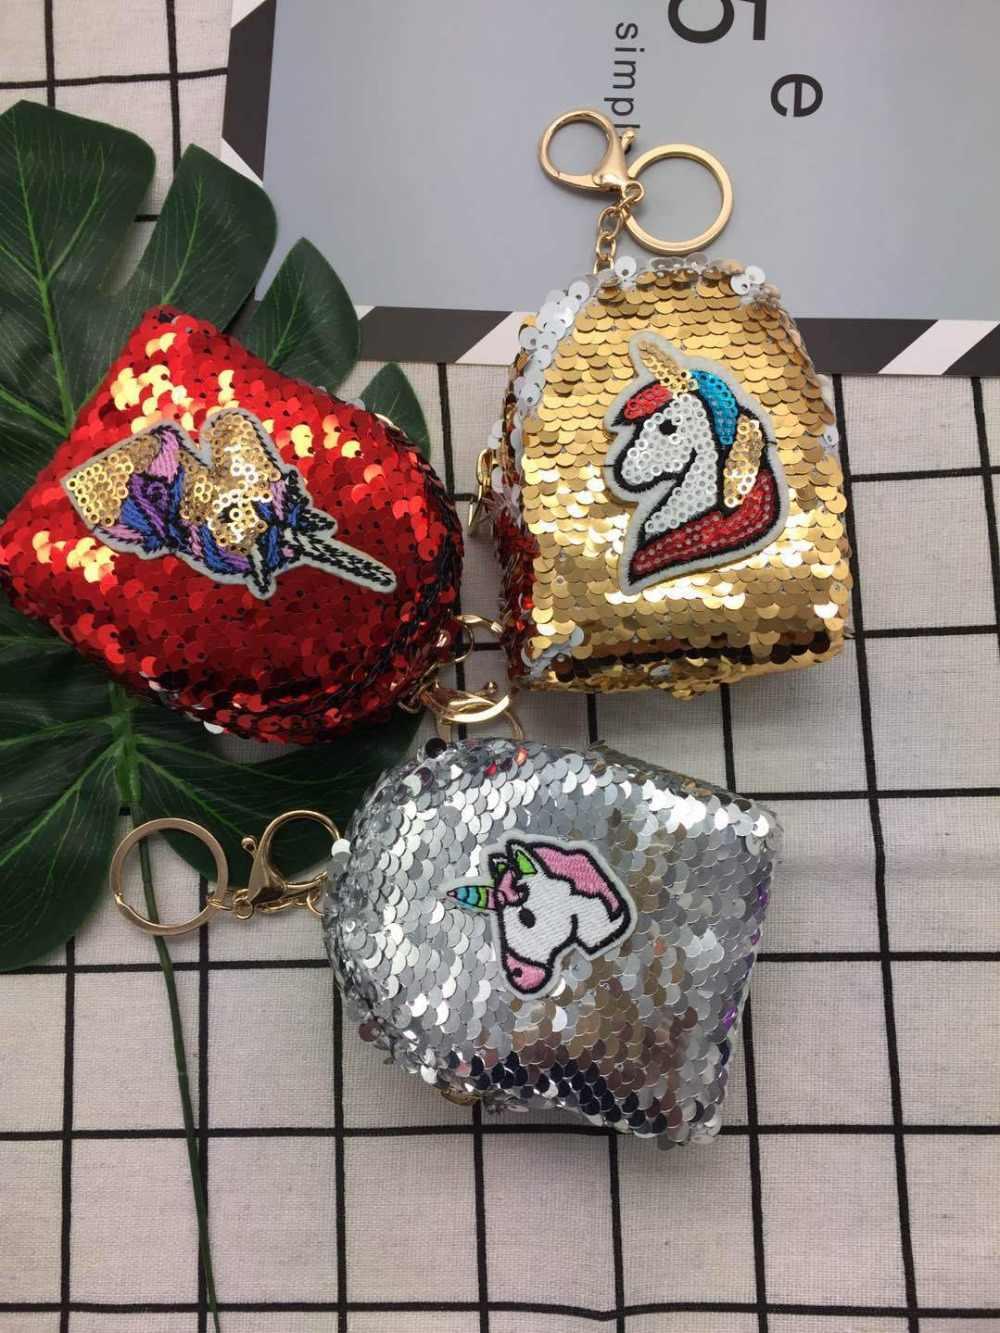 Горячая Распродажа, сумки для монет с пайетками в виде единорога, сумки для женщин 2018, сумки для денег, женские кошельки для девочек, милые детские кошельки kawaii, кошелек, держатель для карт